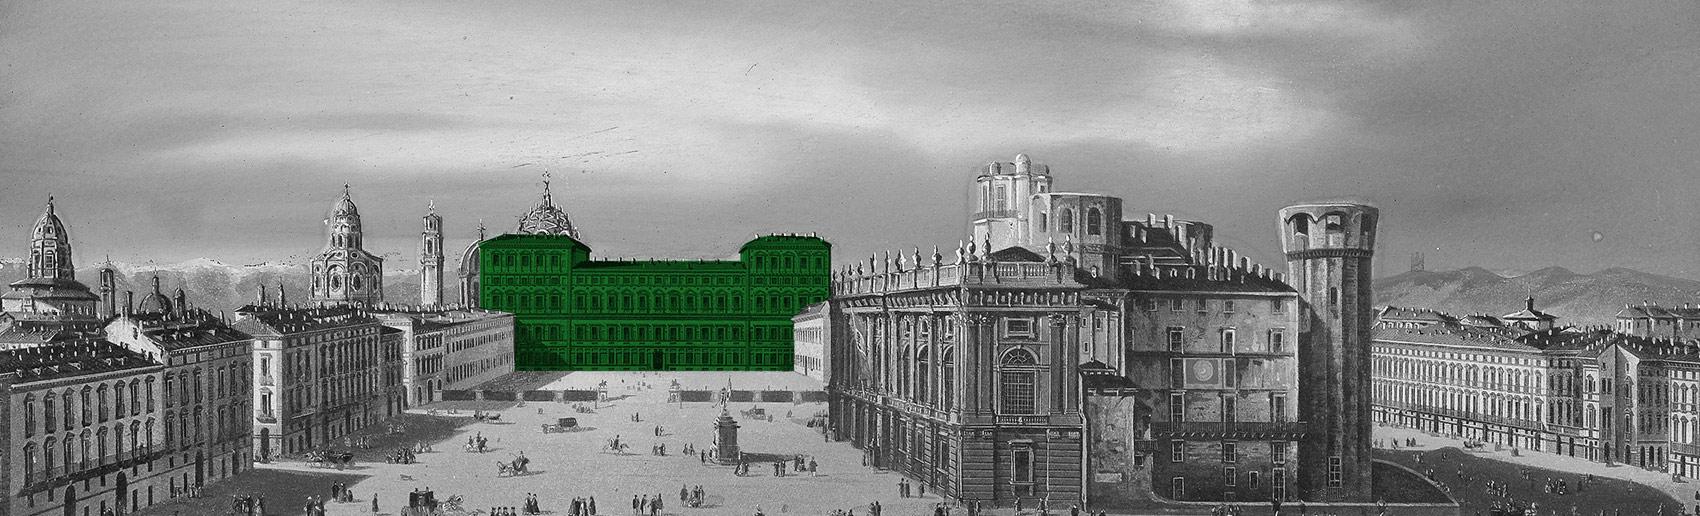 Dipinto - veduta storica di Piazza Castello, Torino